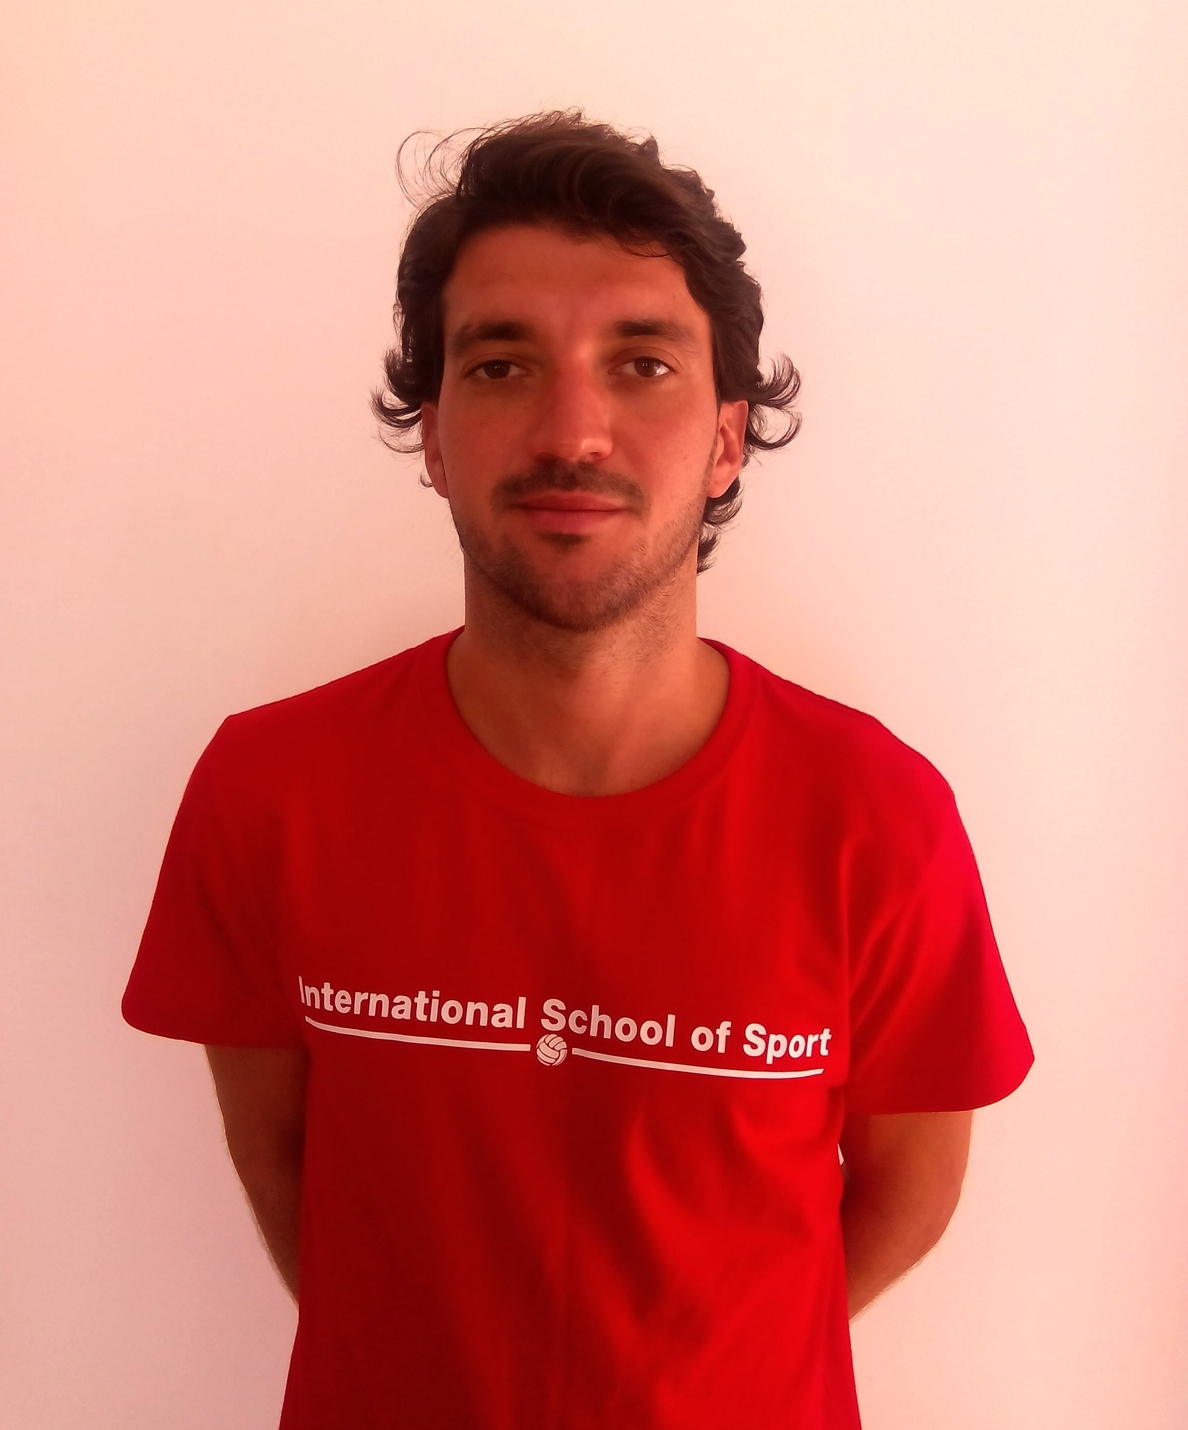 Un profesor de Educación Física de Murcia crea un nuevo estilo de clase en la que enseña inglés a través del deporte